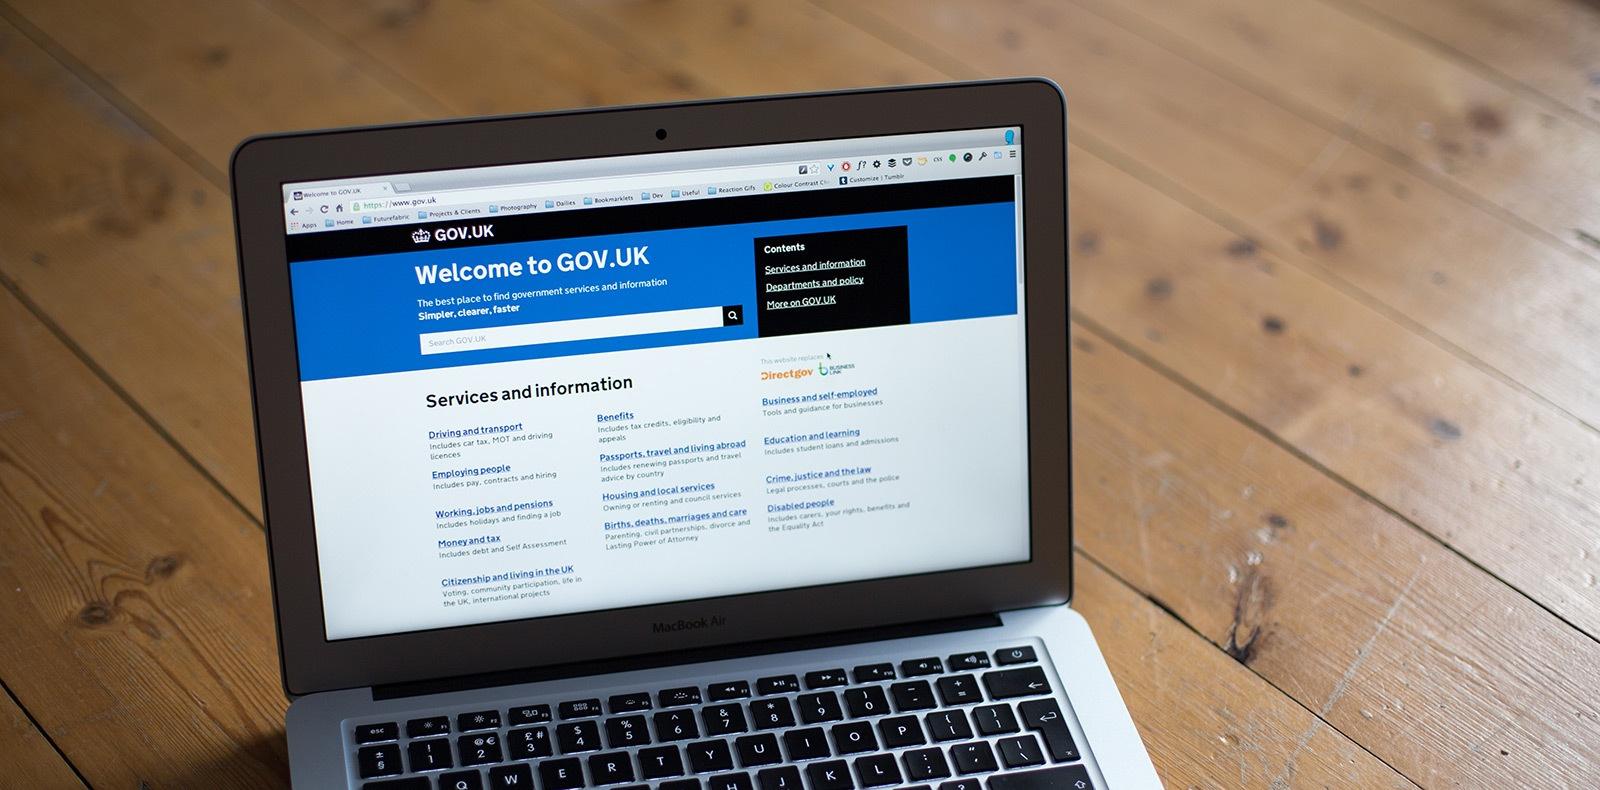 Качество и тестирование: Руководство Gov.uk - 1